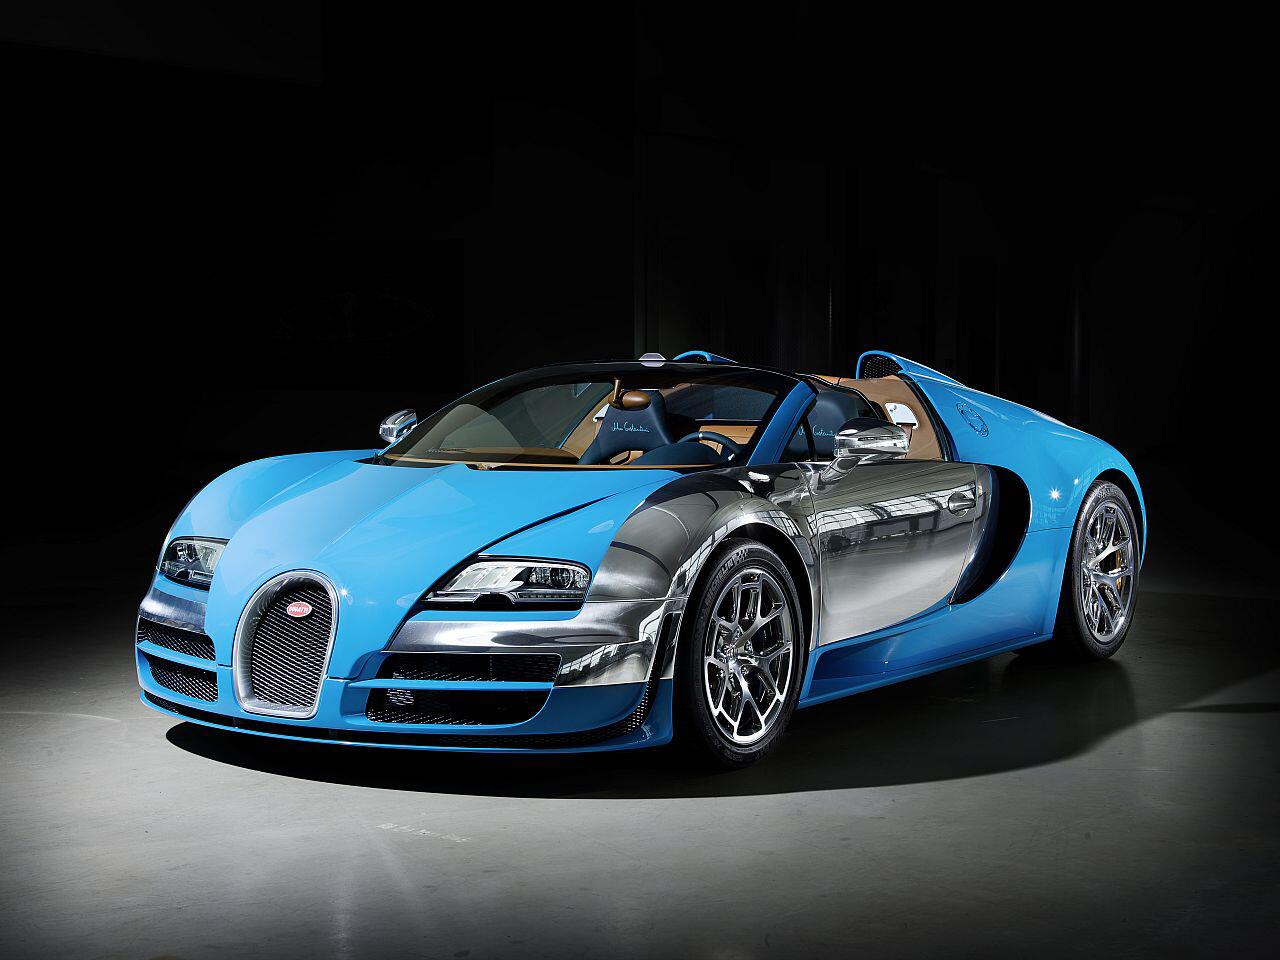 Bild zu Bugatti Veyron Meo Constantini: Zu Ehren eines ehemaligen Rennleiters